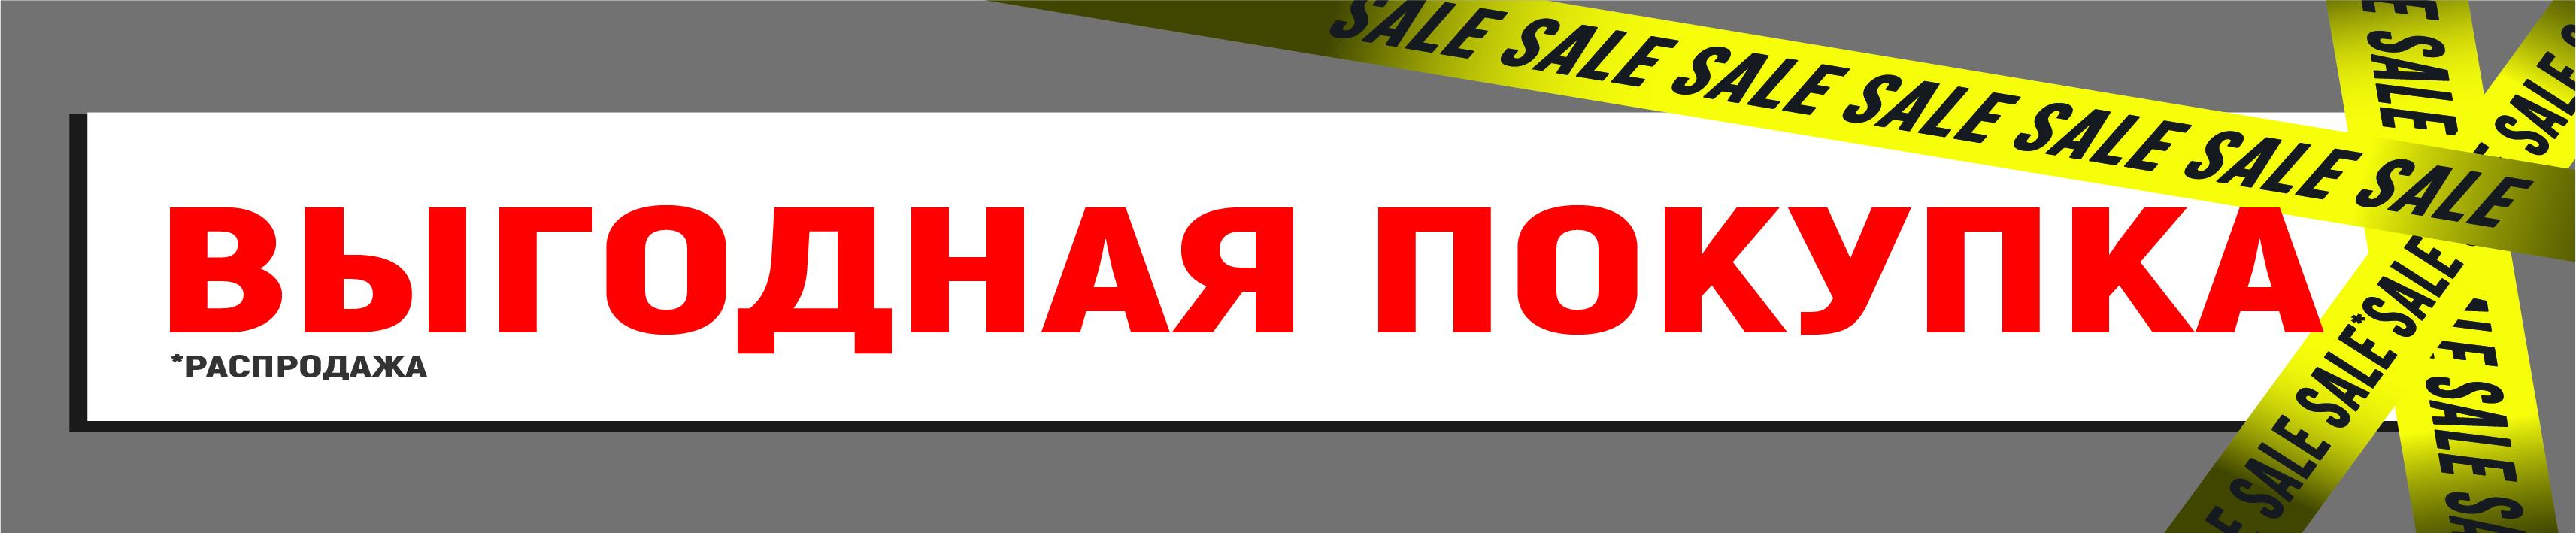 Распродажа в Магазинах